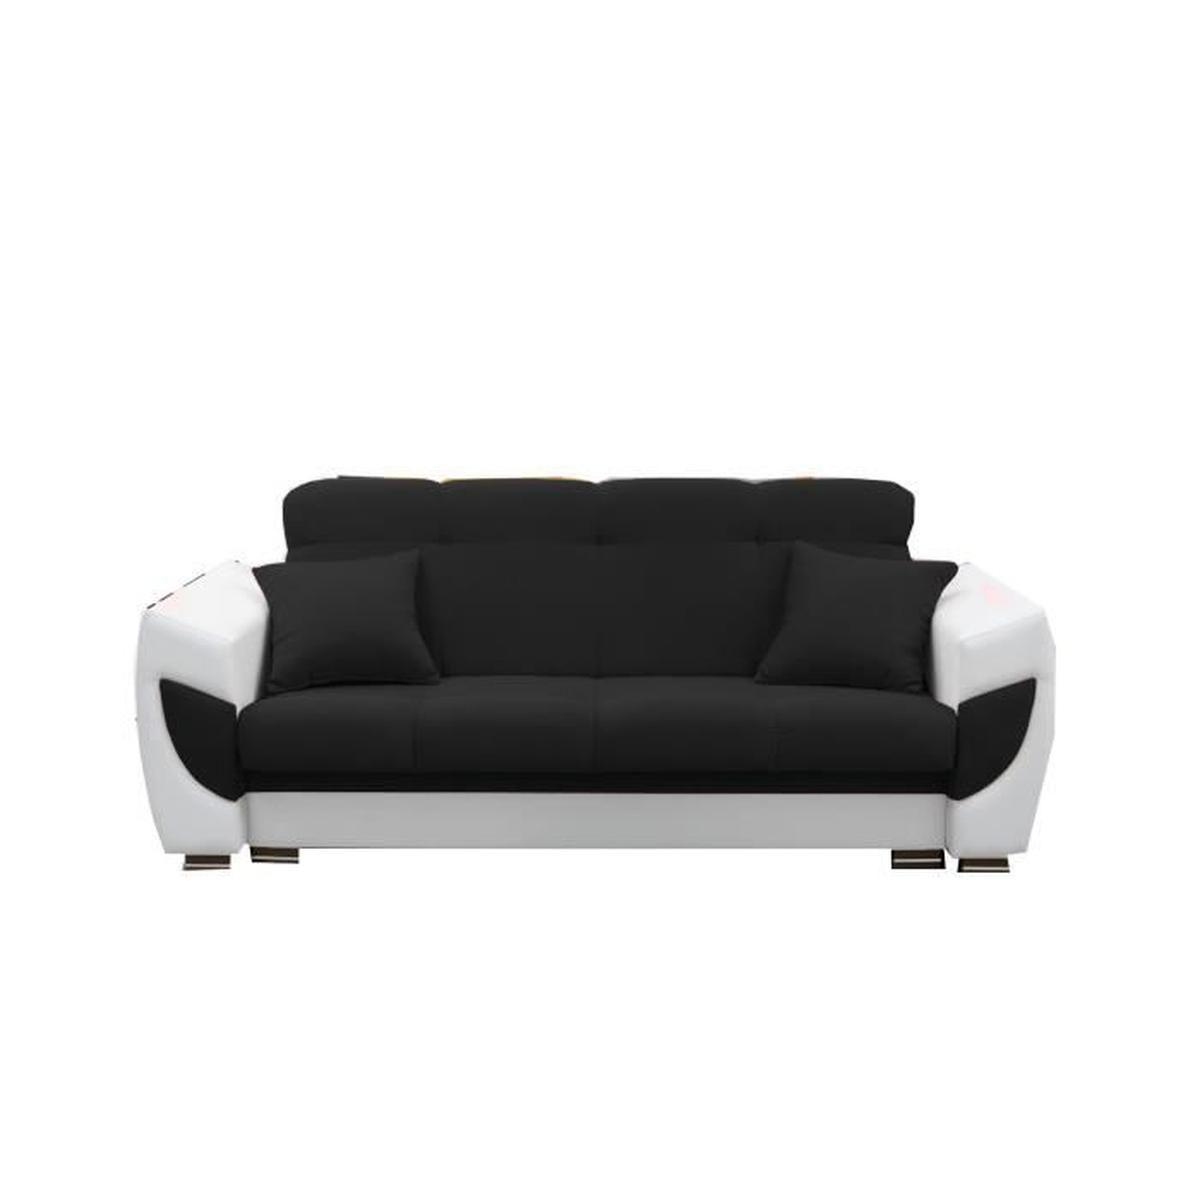 Canapé Convertible En Tissu Et Simili Cuir 3 Places Droit ... destiné Canape Convertible Cuir Blanc